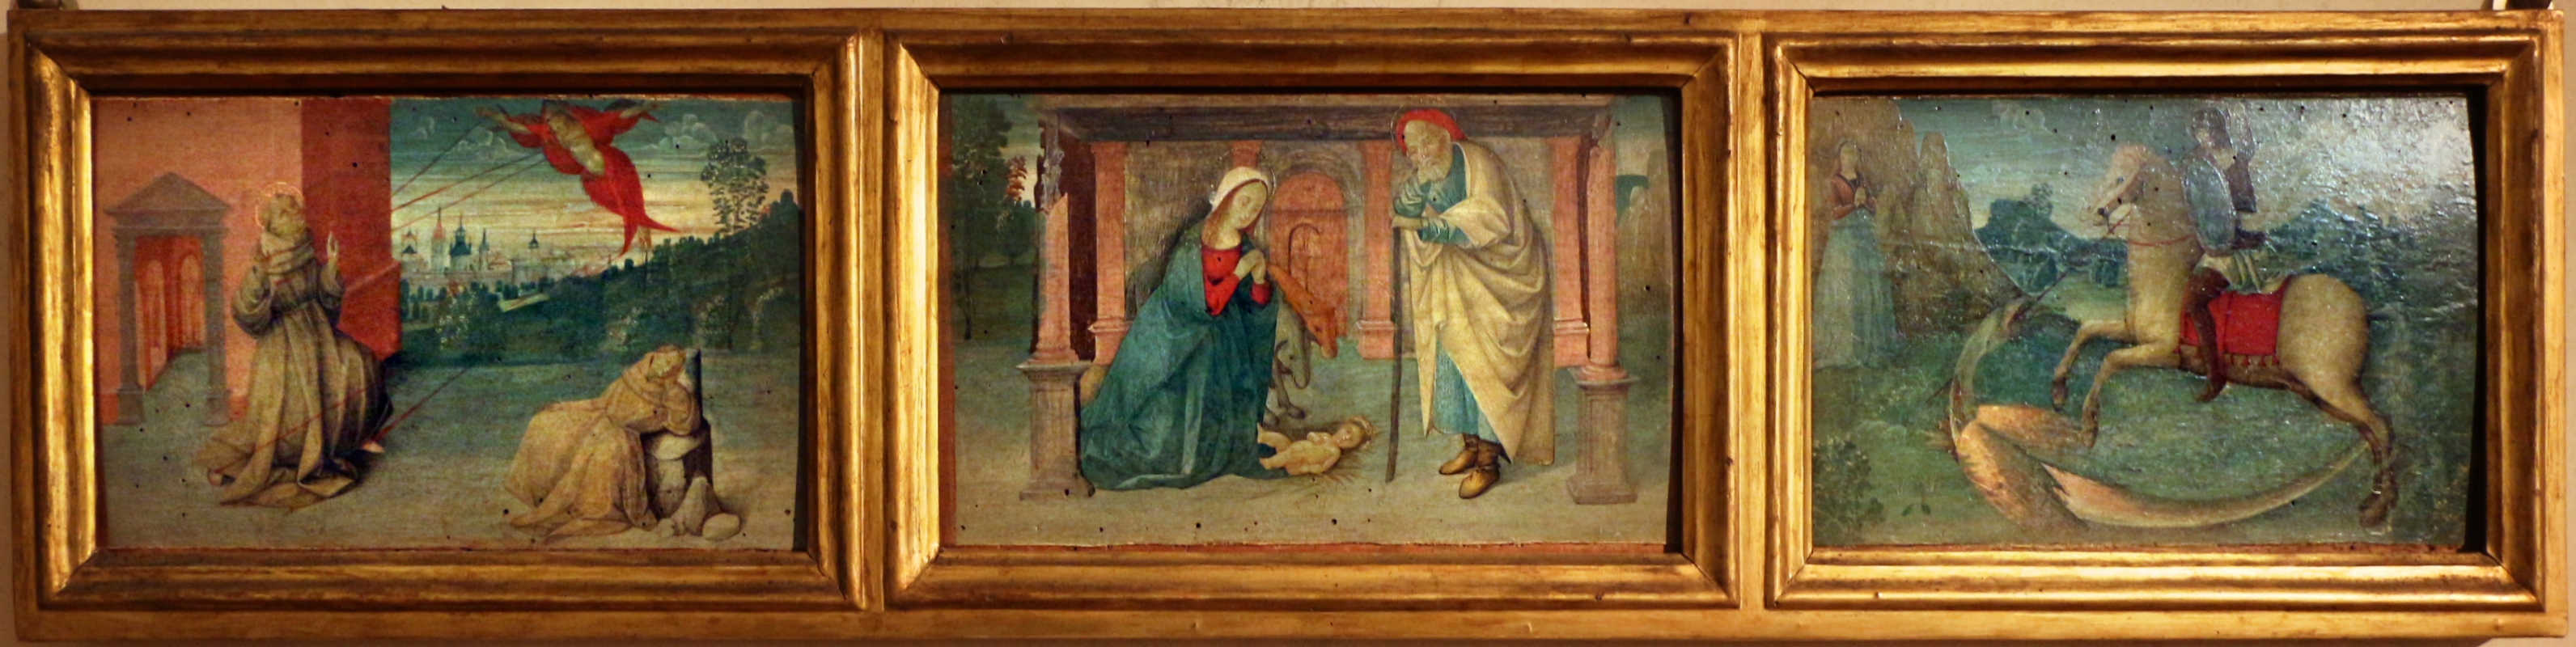 Pittore ferrarese o romagnolo, arcangelo gabriele, stigmate di s. francesco, natività e san giorgio col drago, 1510 ca. 02 - Sailko - Ferrara (FE)